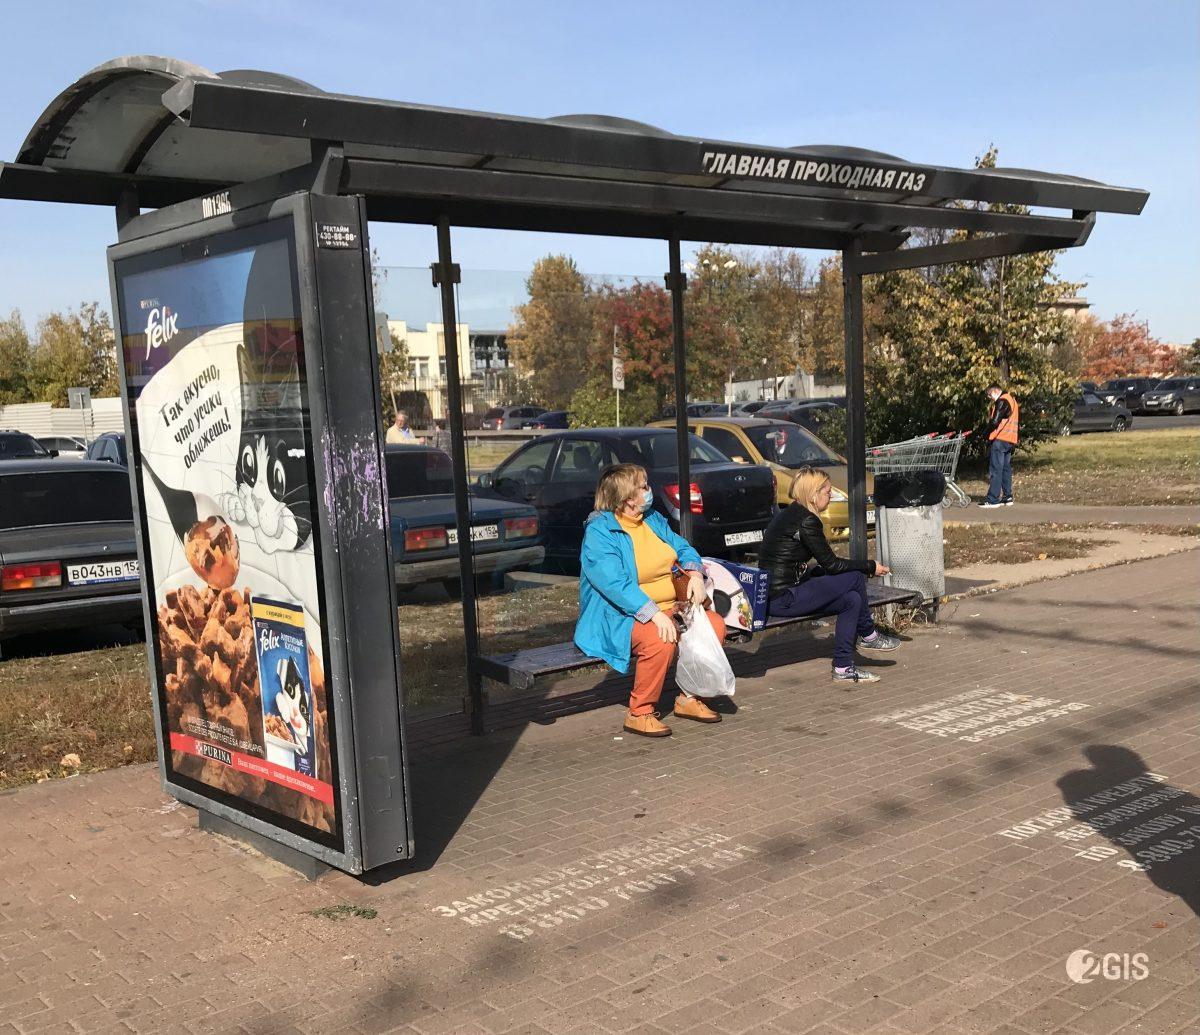 Остановку транспорта «Главная проходная» перенесли в Нижнем Новгороде